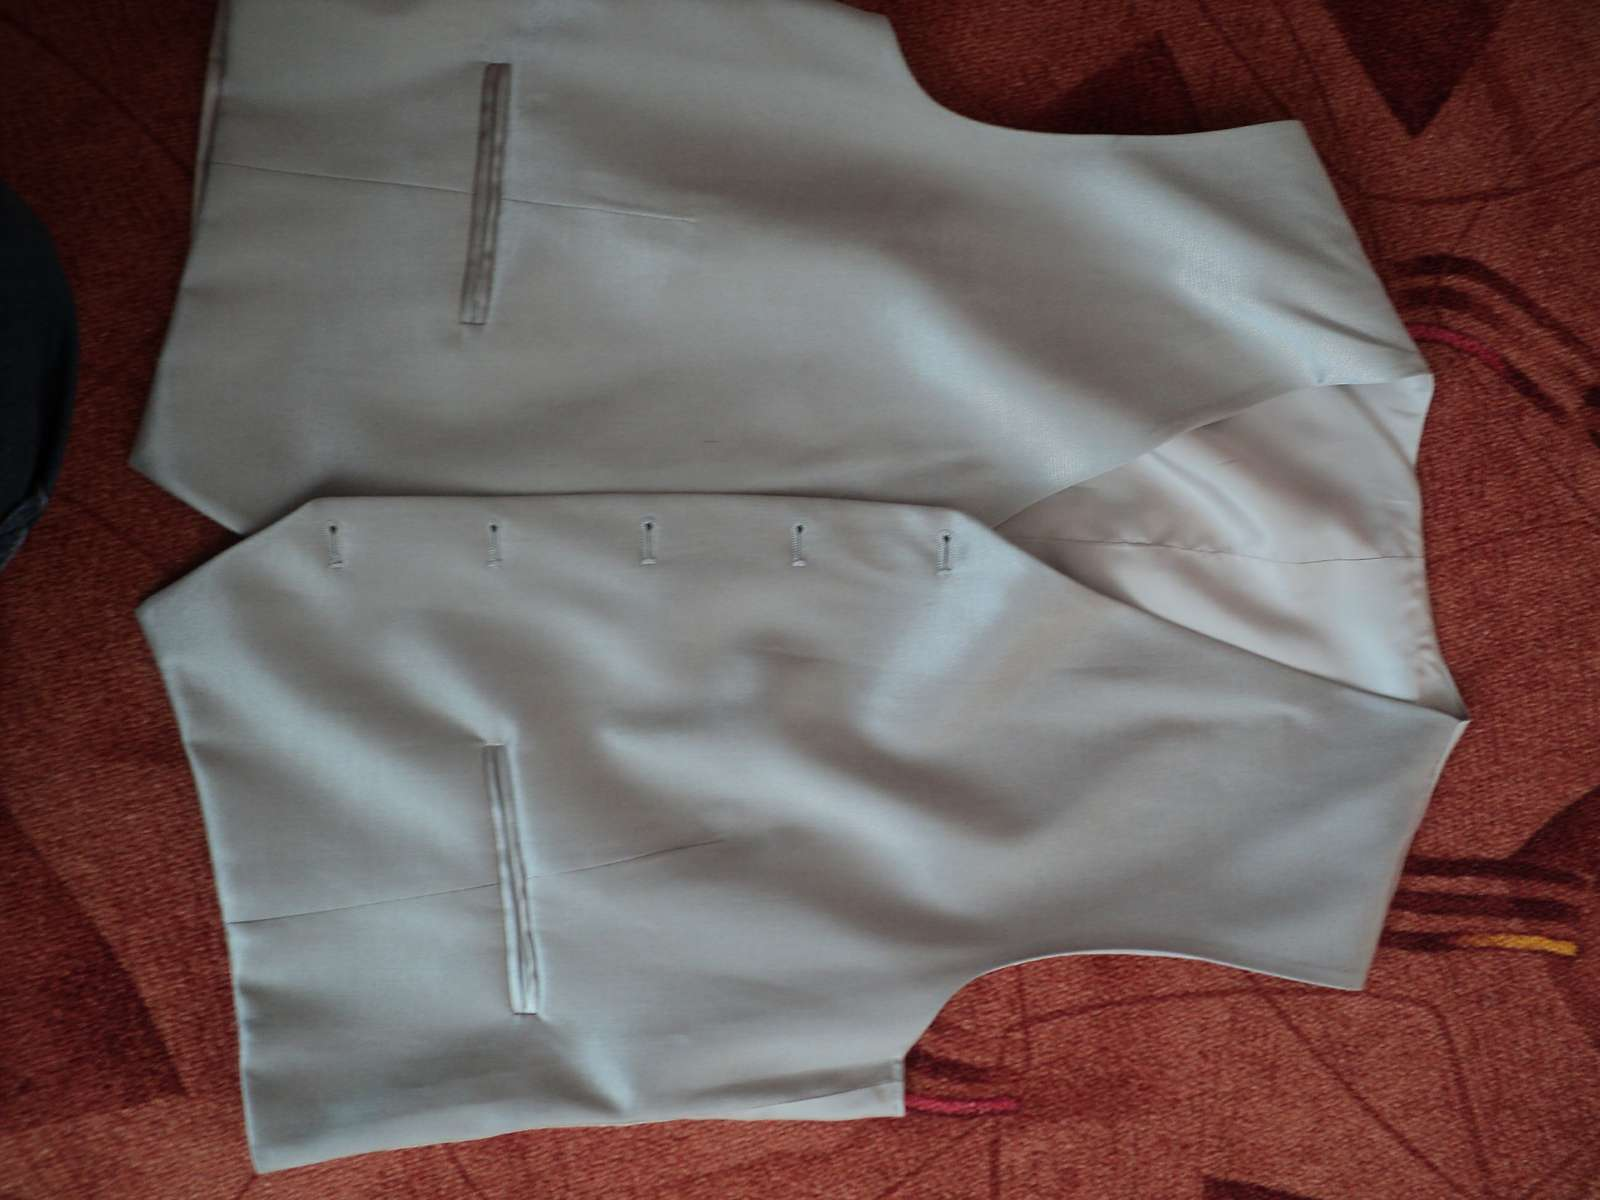 svetlý svadobný oblek-nohavice,sako,vesta - Obrázok č. 3